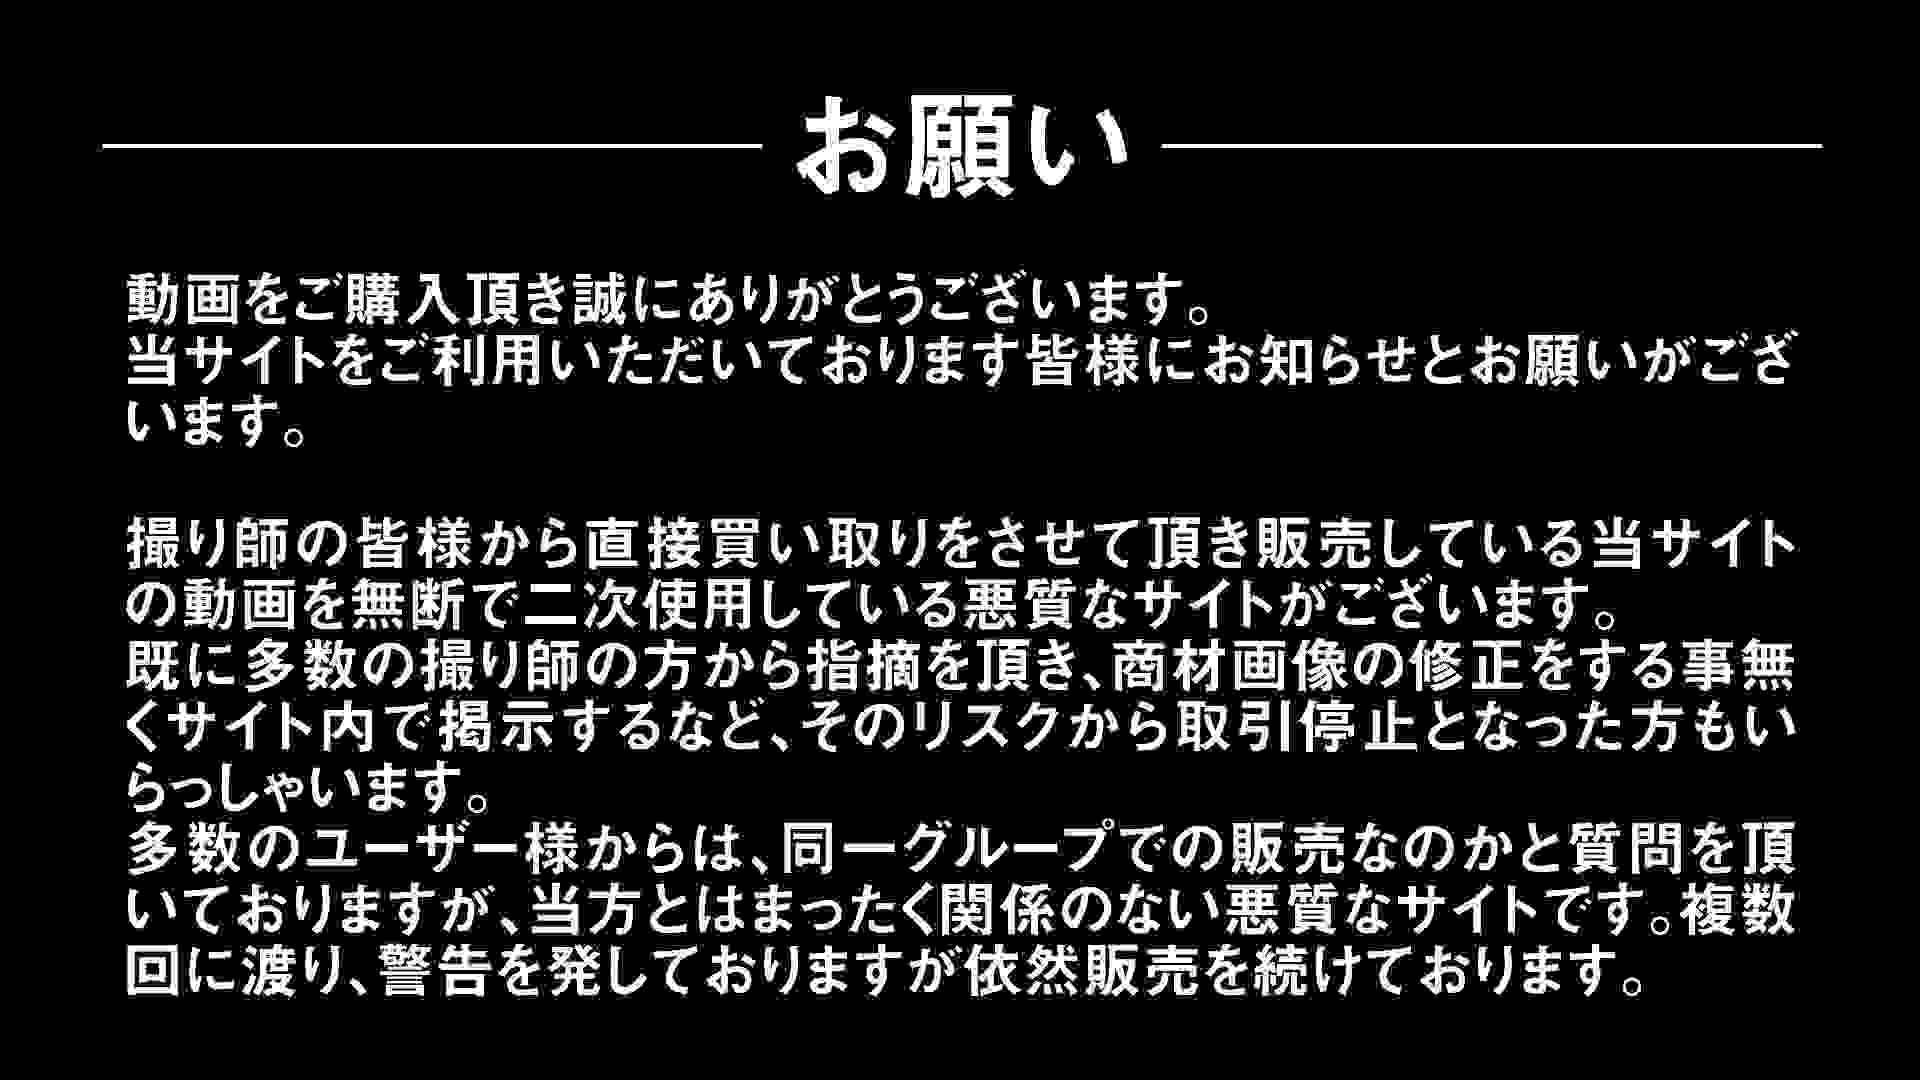 Aquaな露天風呂Vol.296 盗撮  91画像 3